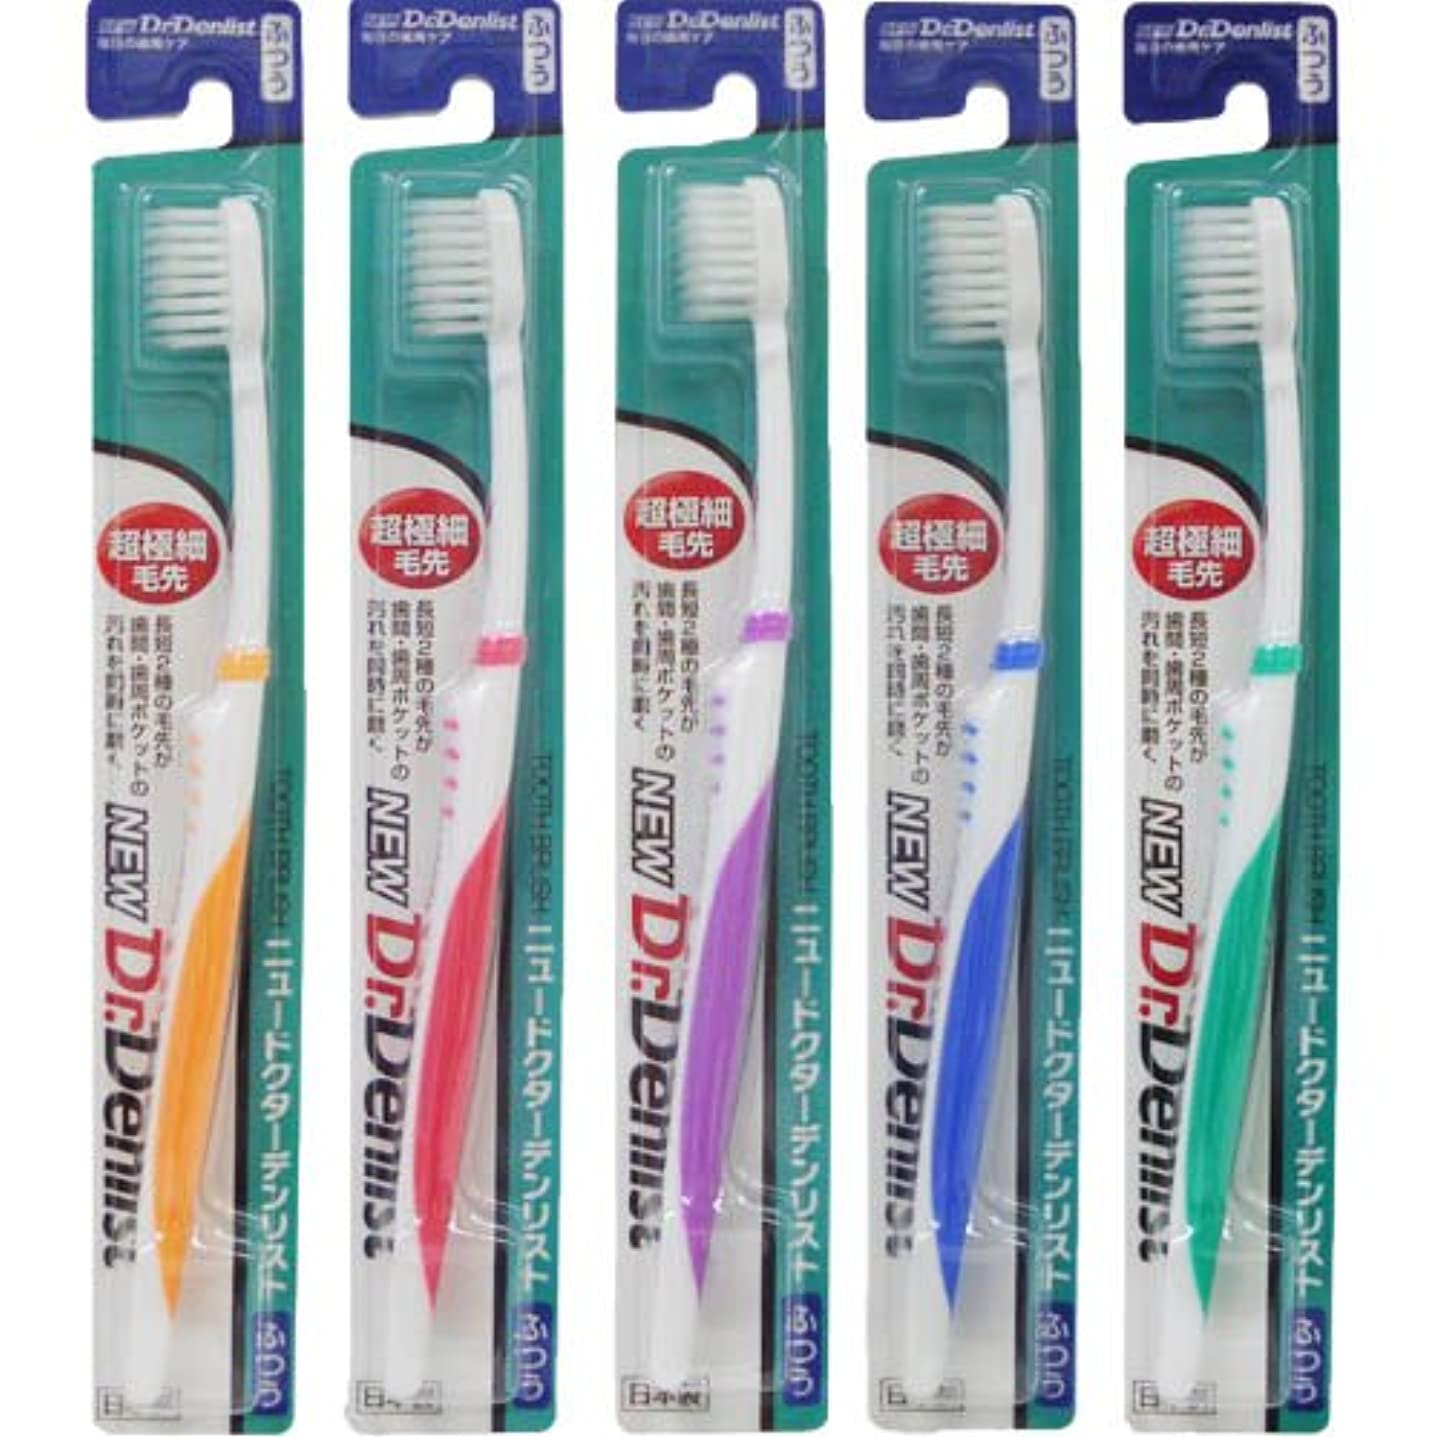 分数緩む臨検New Dr.Denlist 歯ブラシ 超極細毛先 ふつう 12本セット(クリエイト)